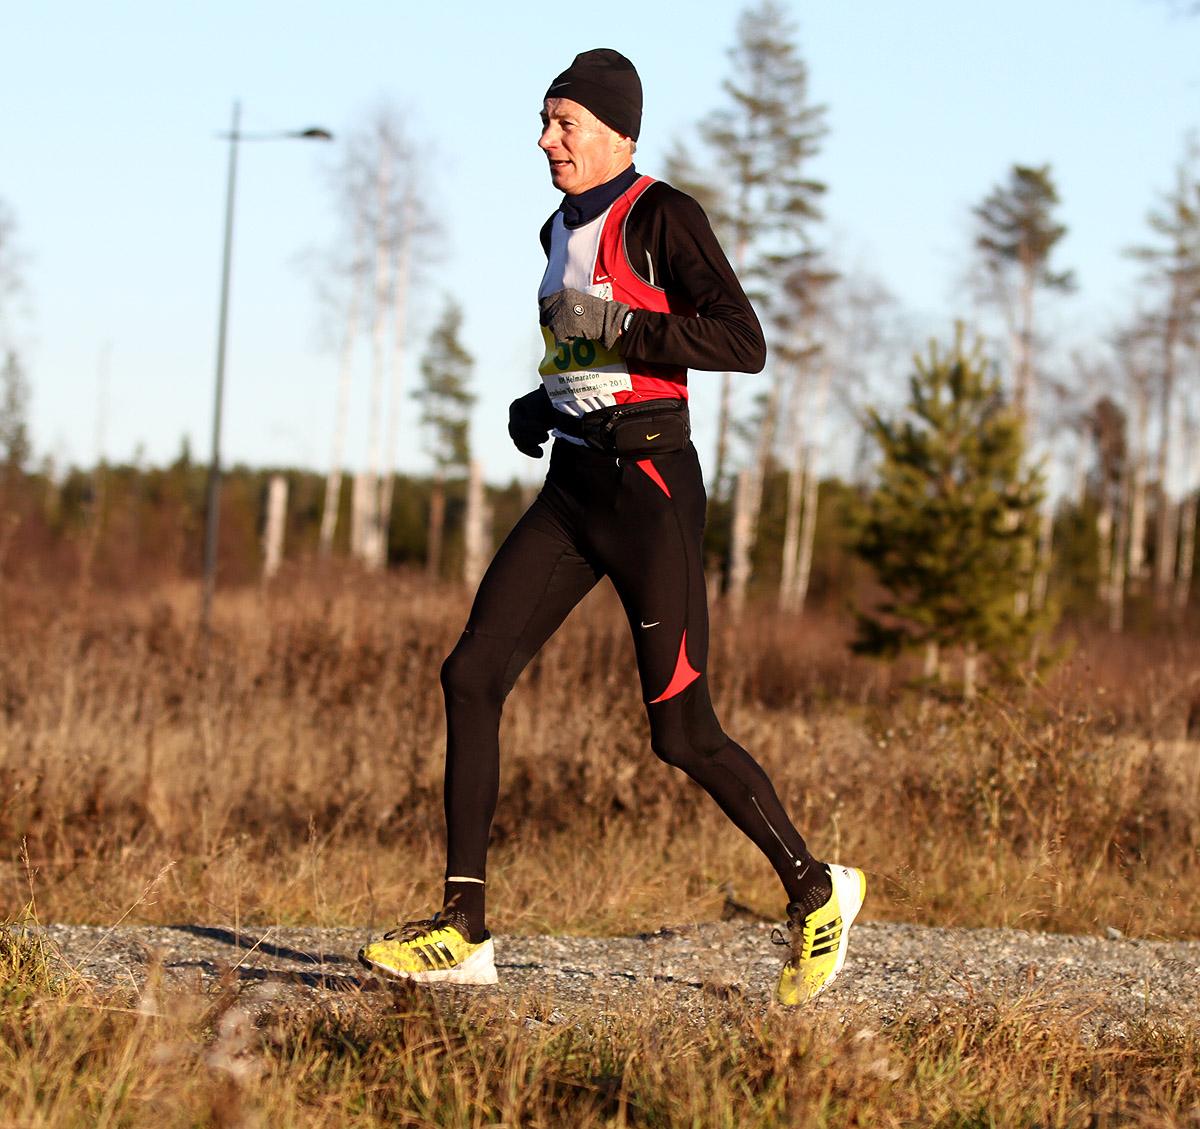 Vintermaraton2013_Ole-Peter-Bergaust_31-3km.jpg